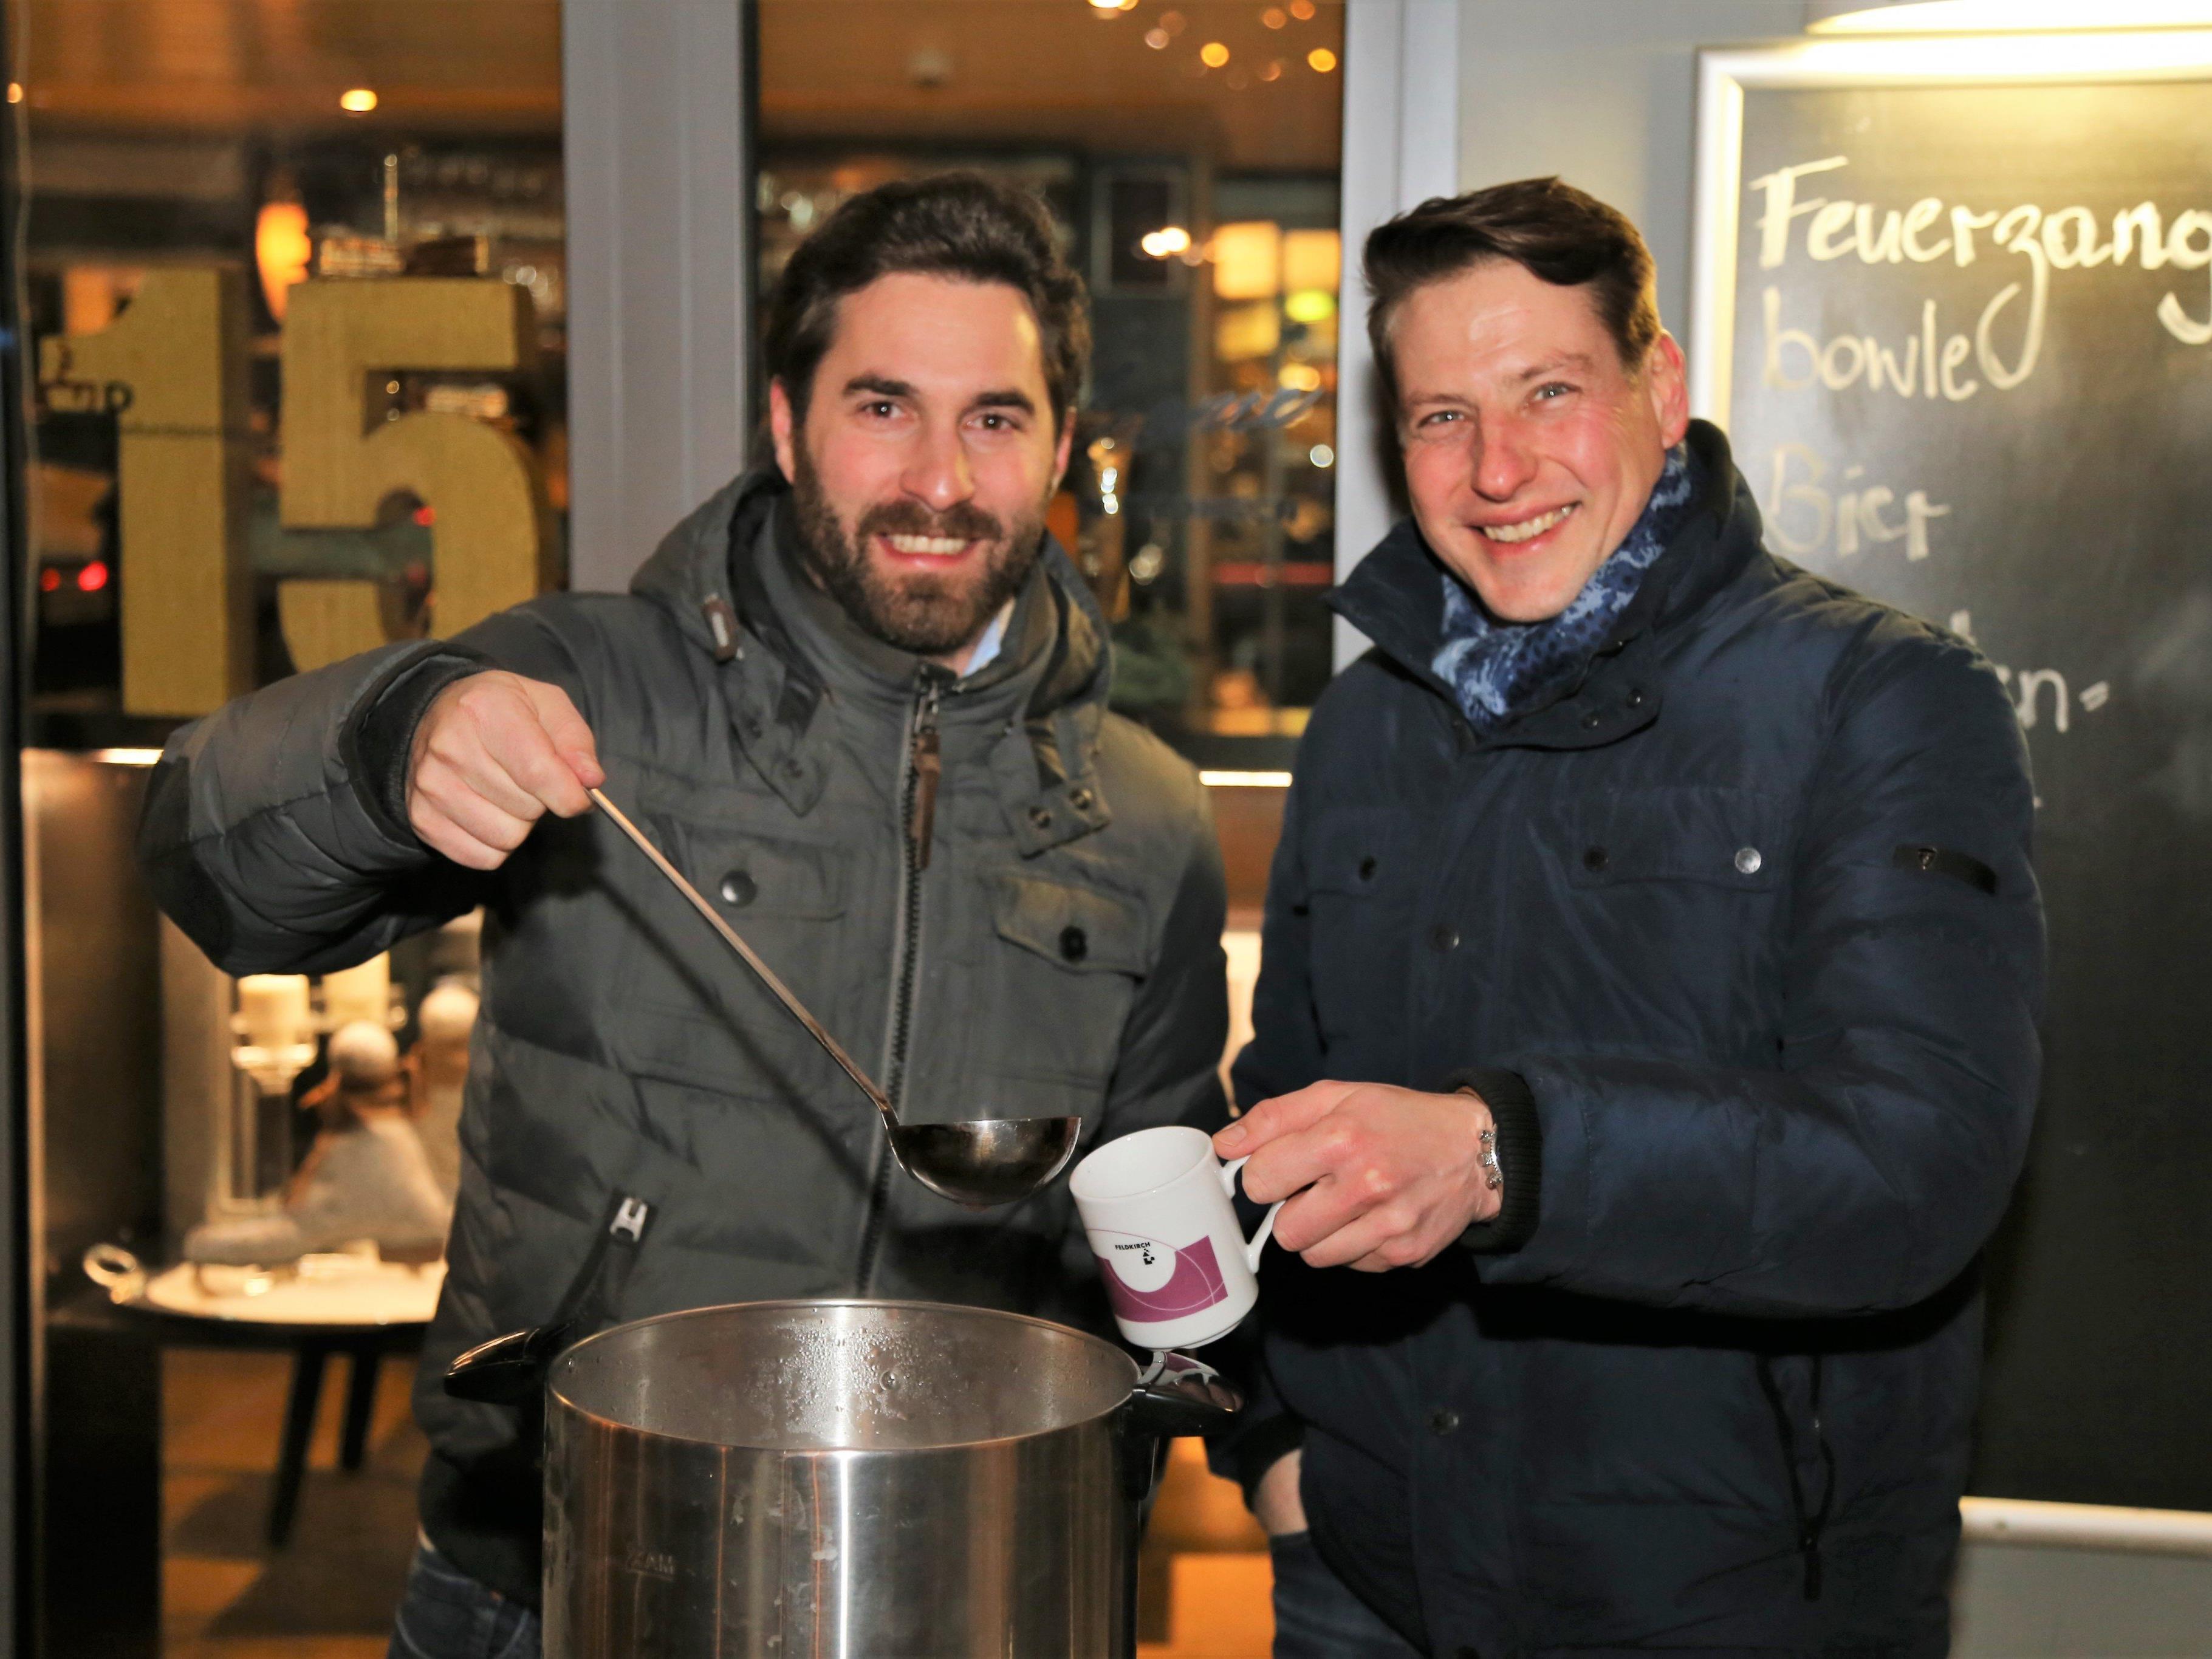 Martin Häusle und Christoph Müller (v. l.) organisierten zu zweit die kleine Charityaktion für den guten Zweck.